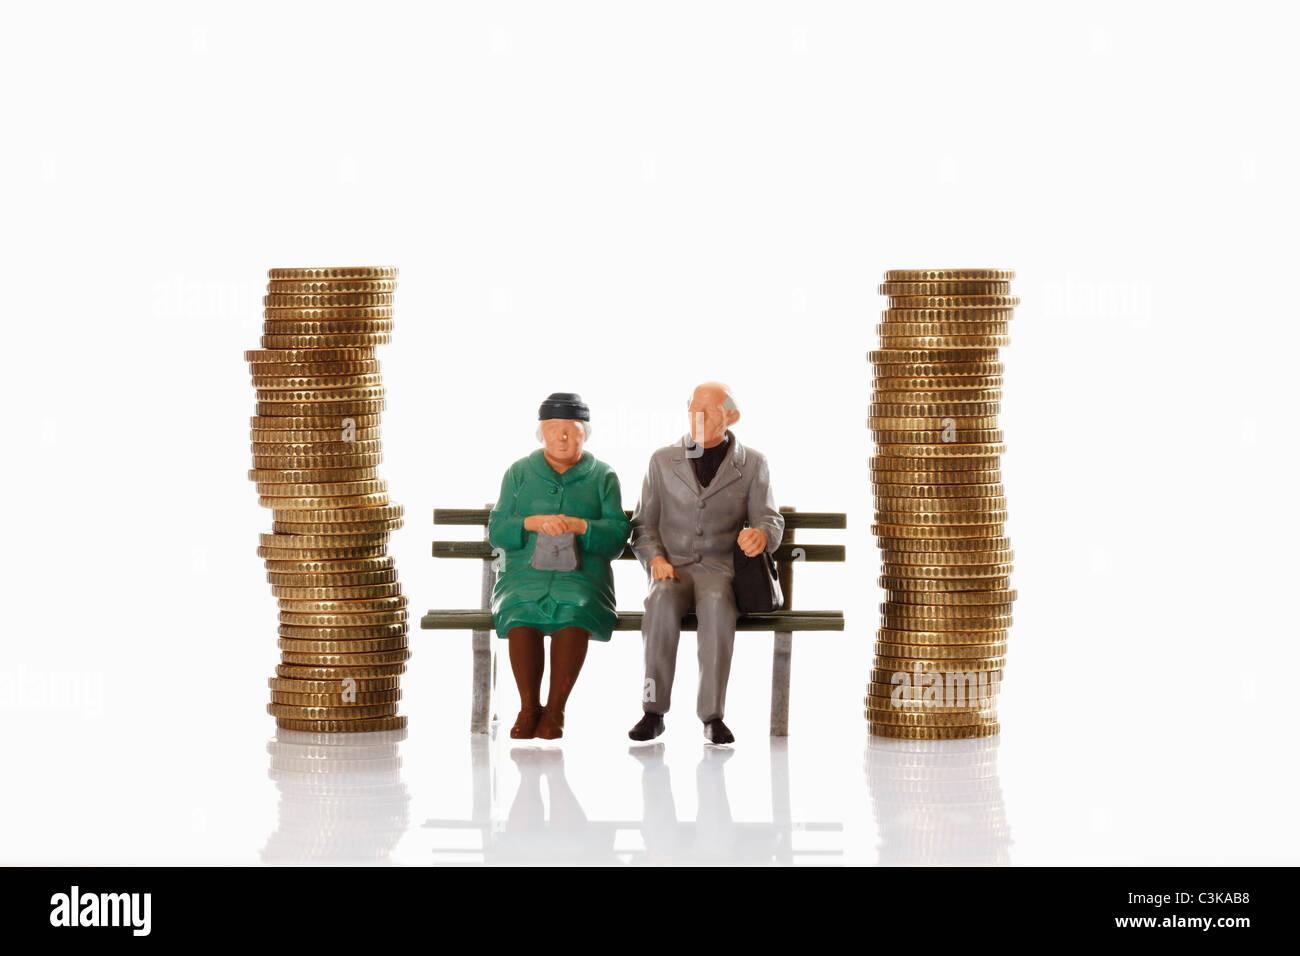 Figuritas de viejo pensionista sentado en un banco entre las pilas de moneda Imagen De Stock